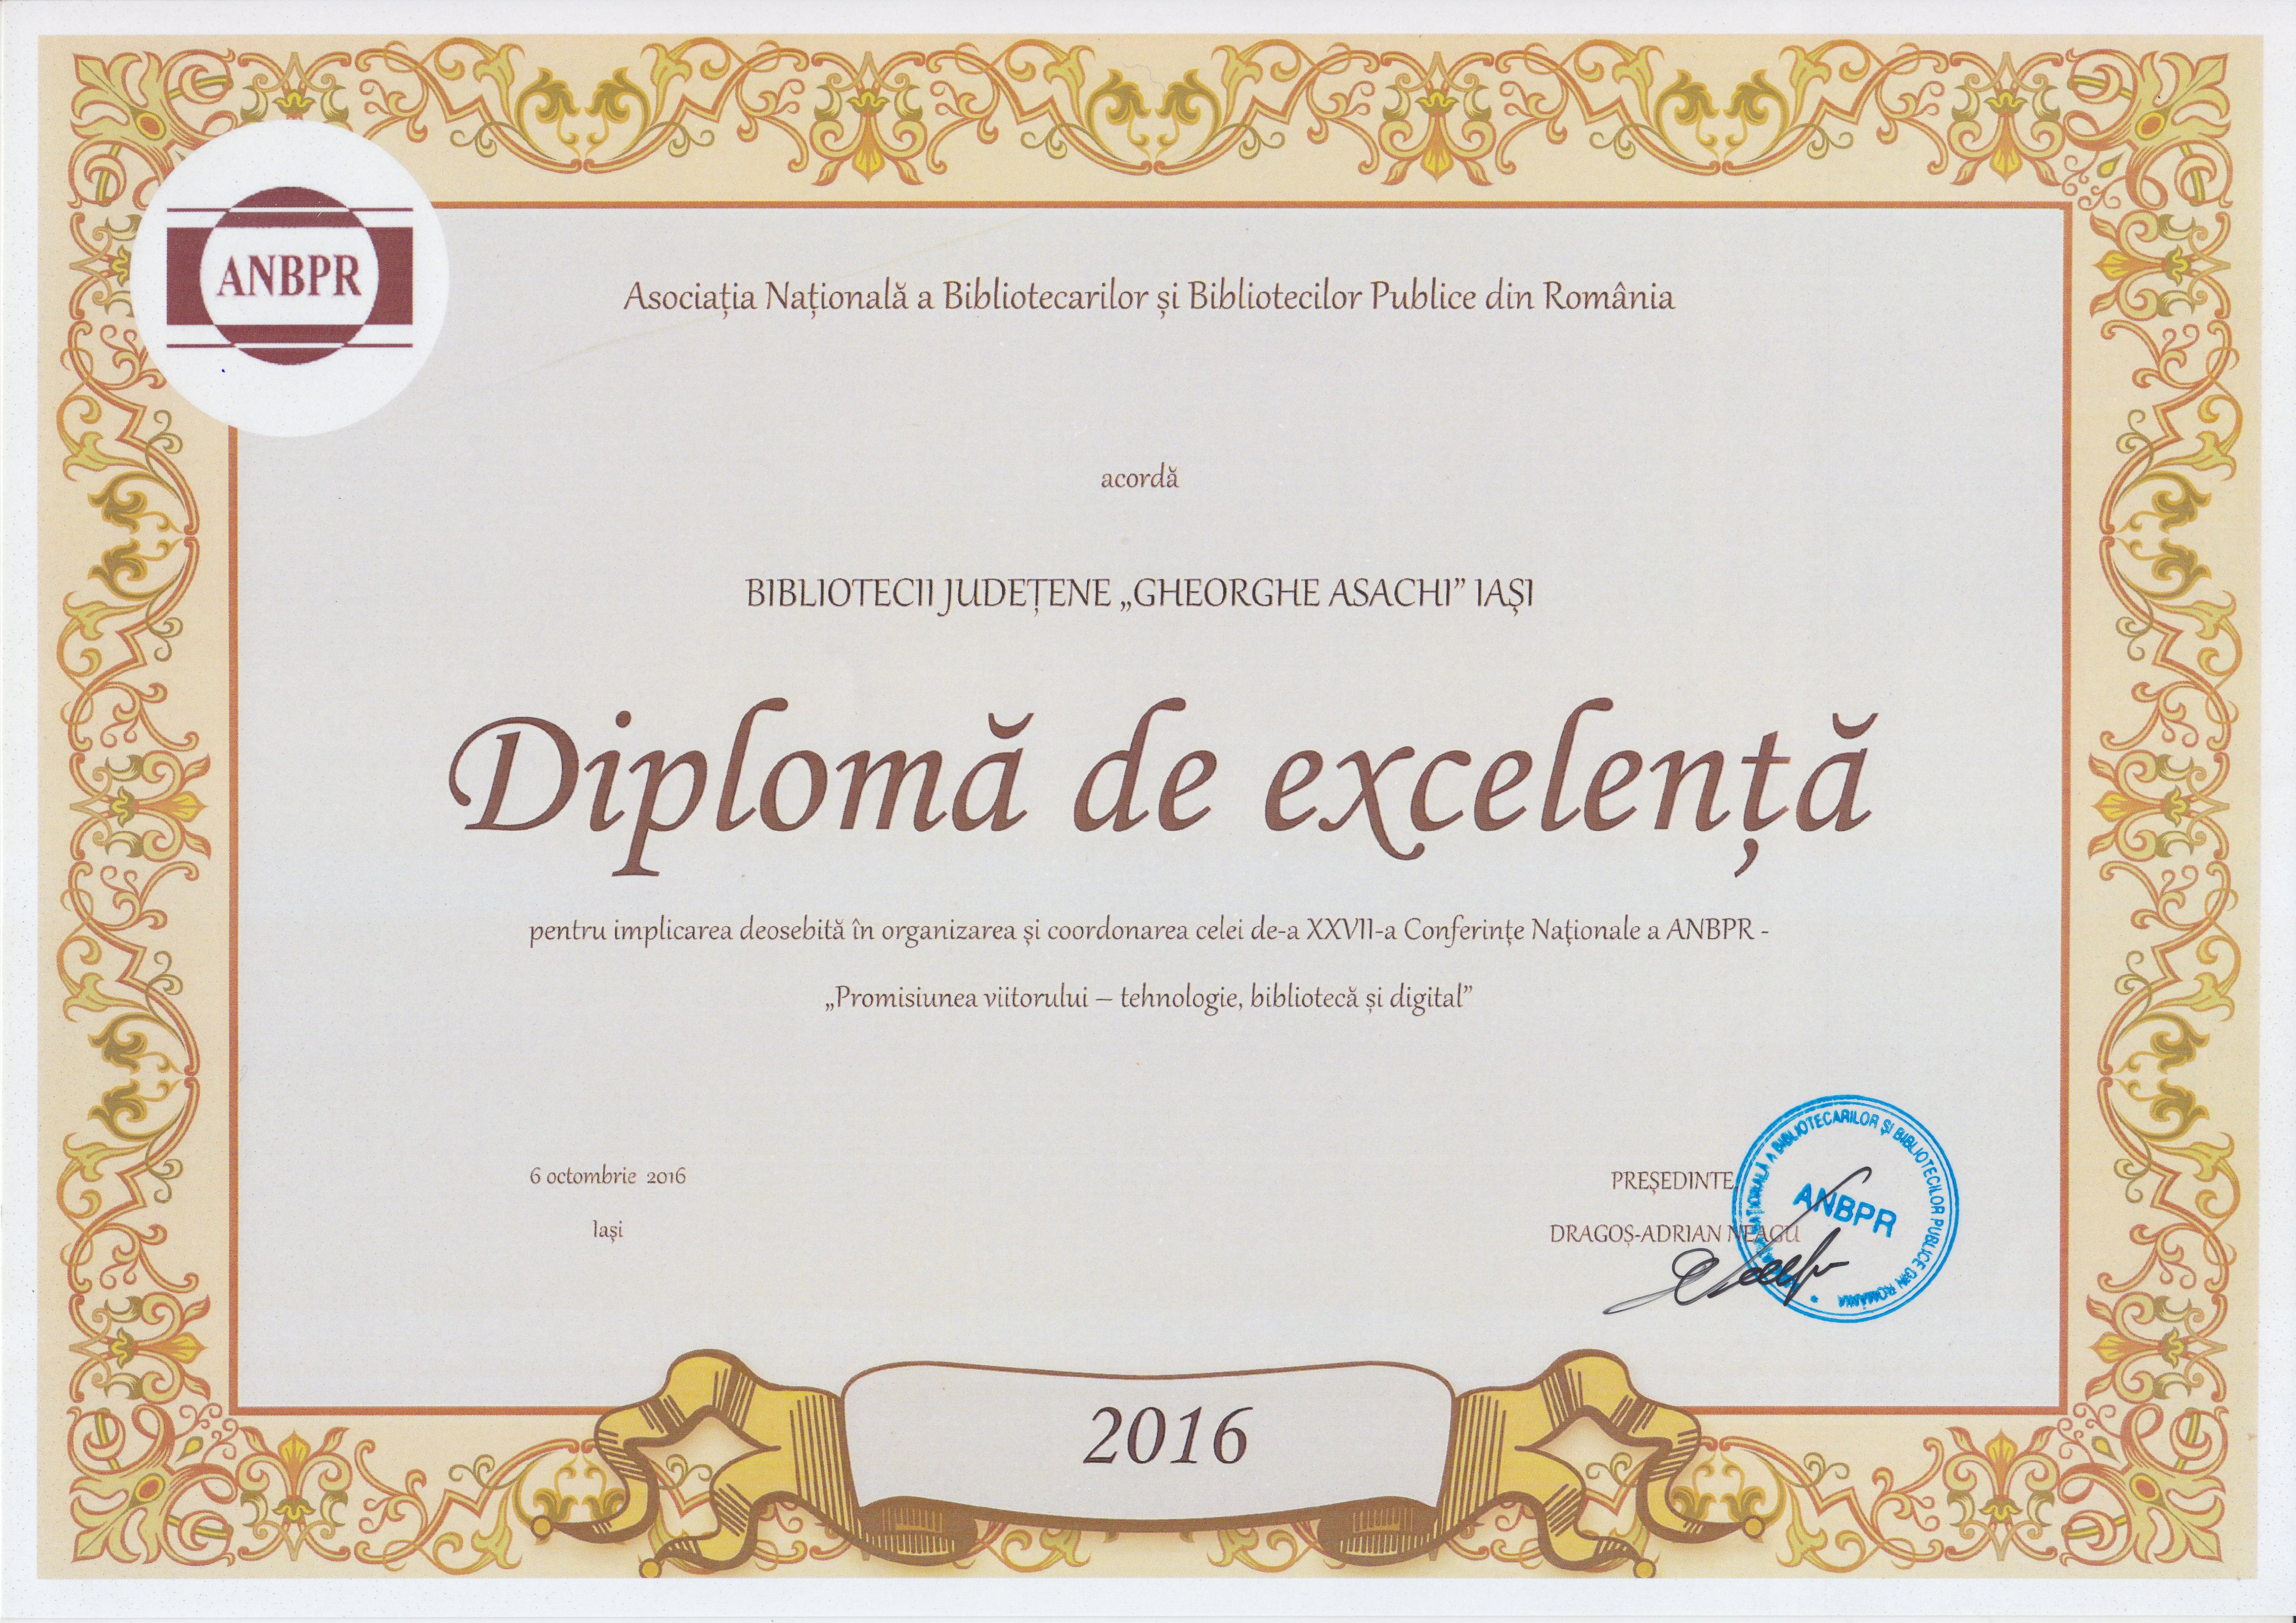 2016_diploma-excelenta-bj-iasi-anbpr